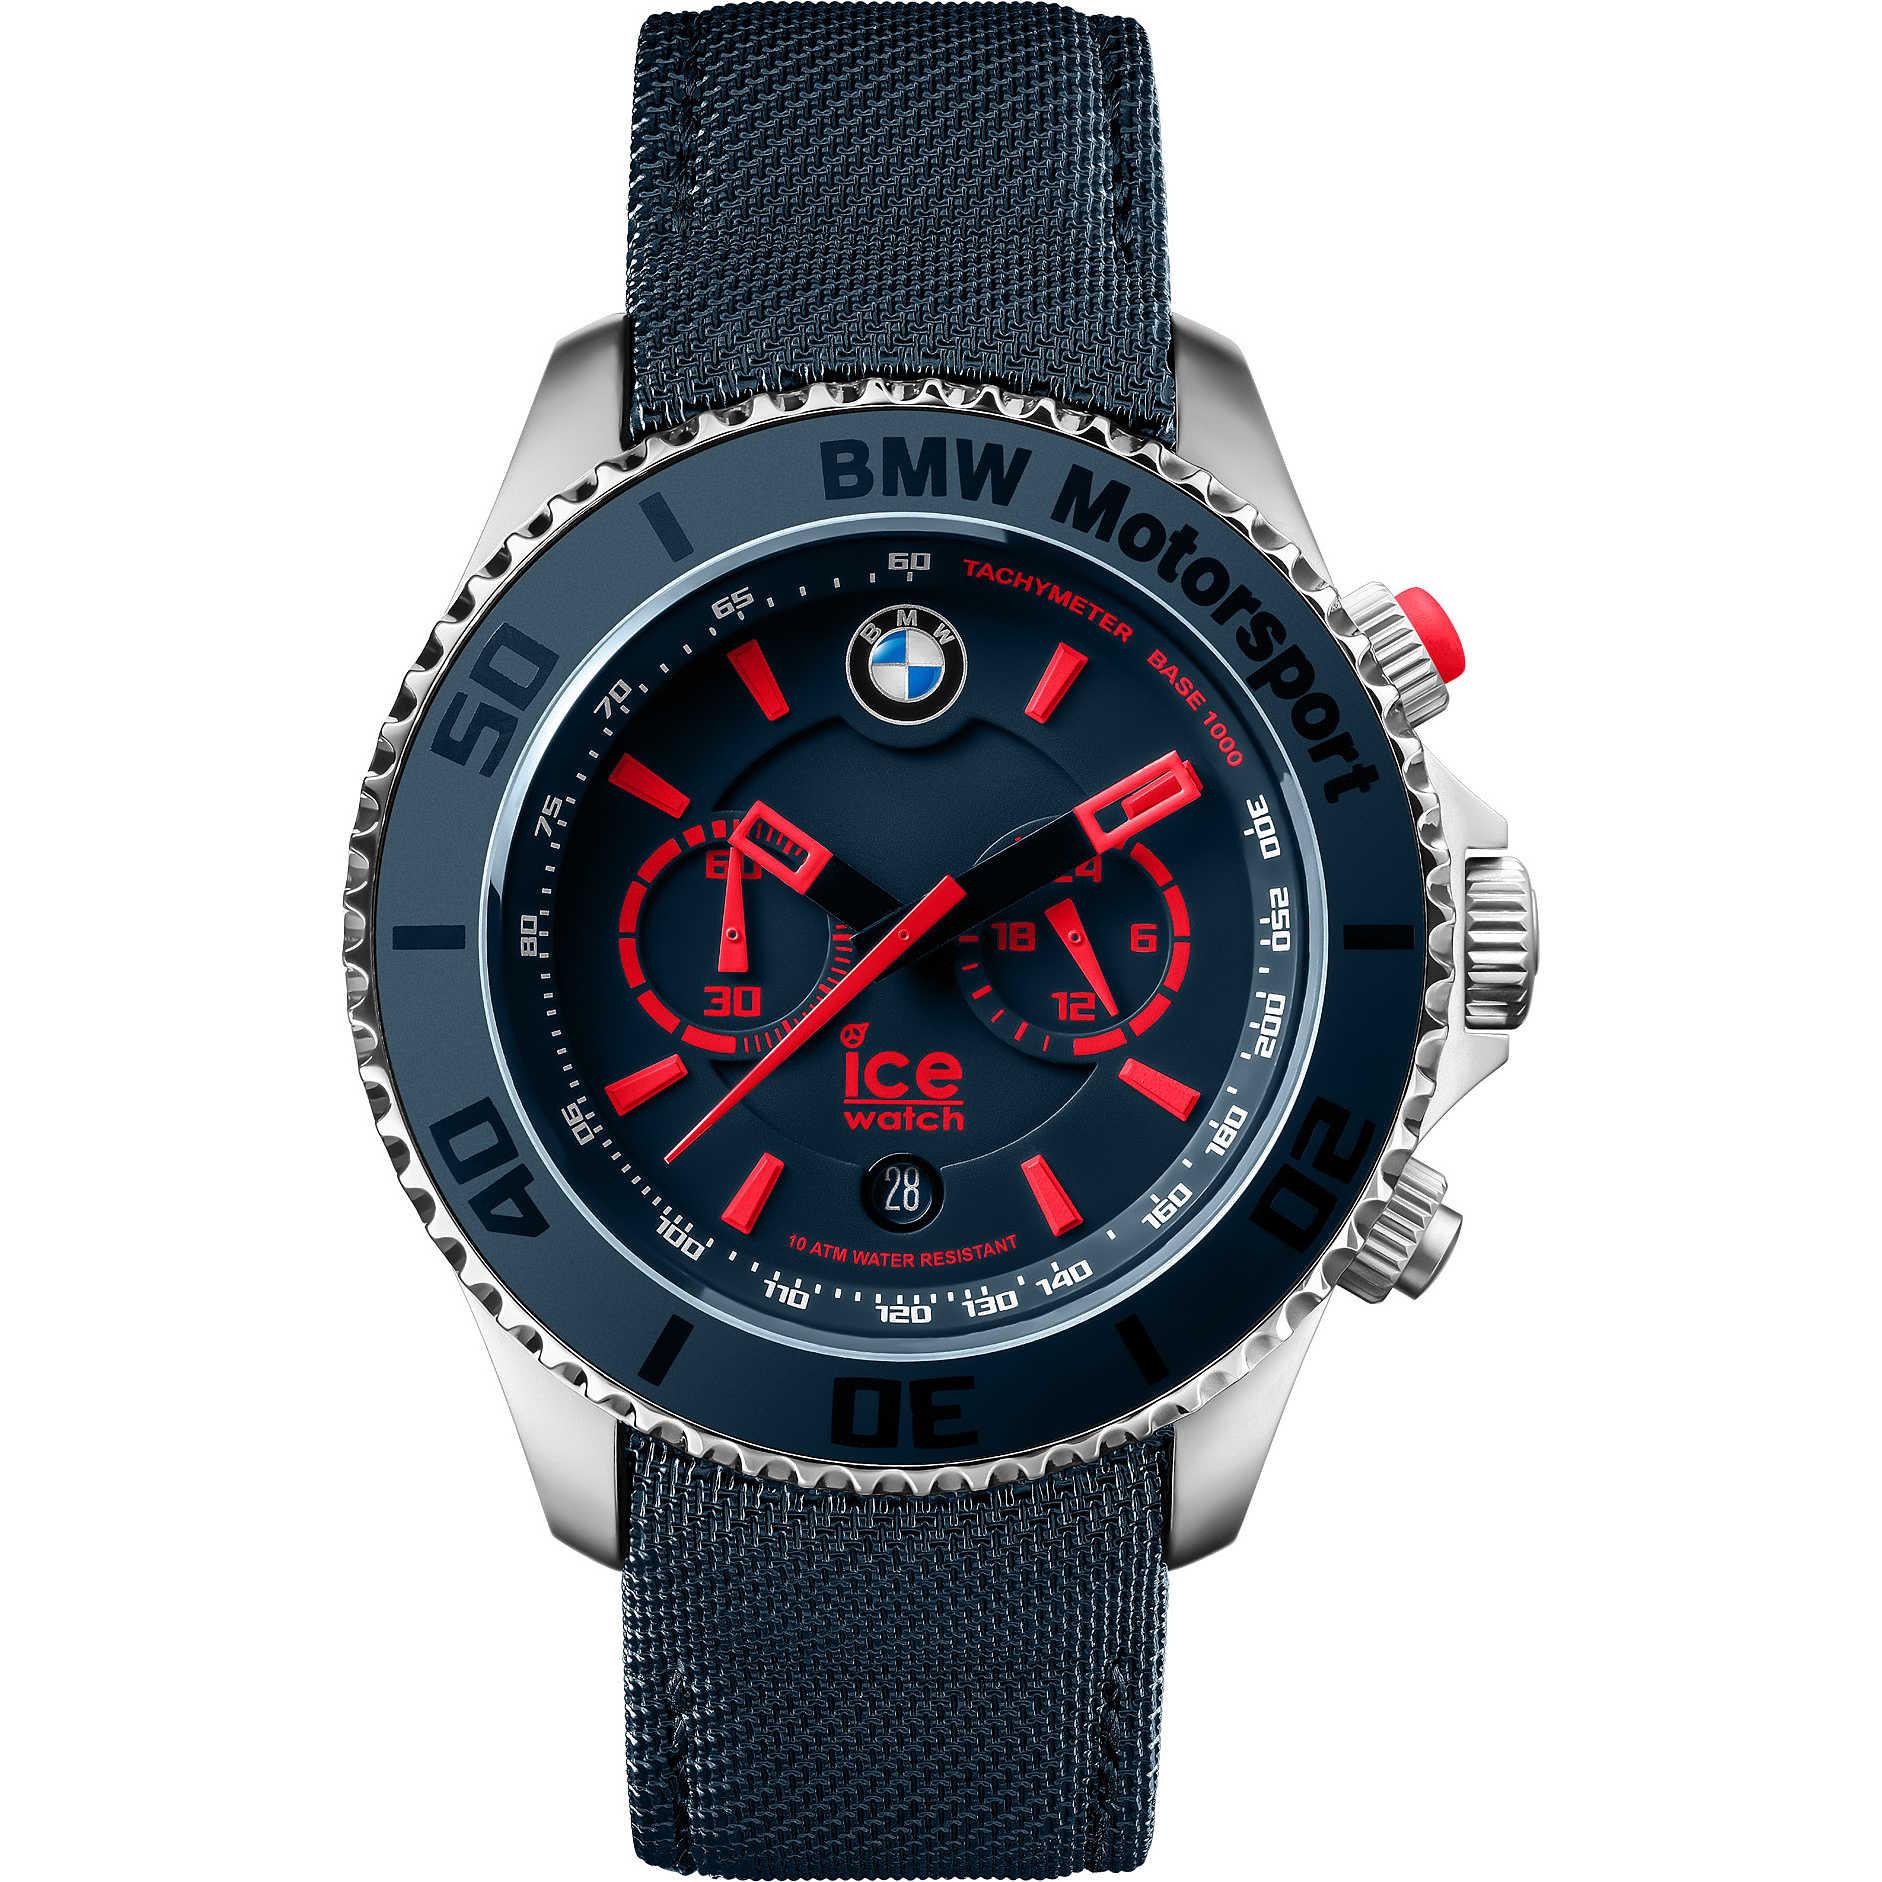 Montre Ice watch BMW Motorsport